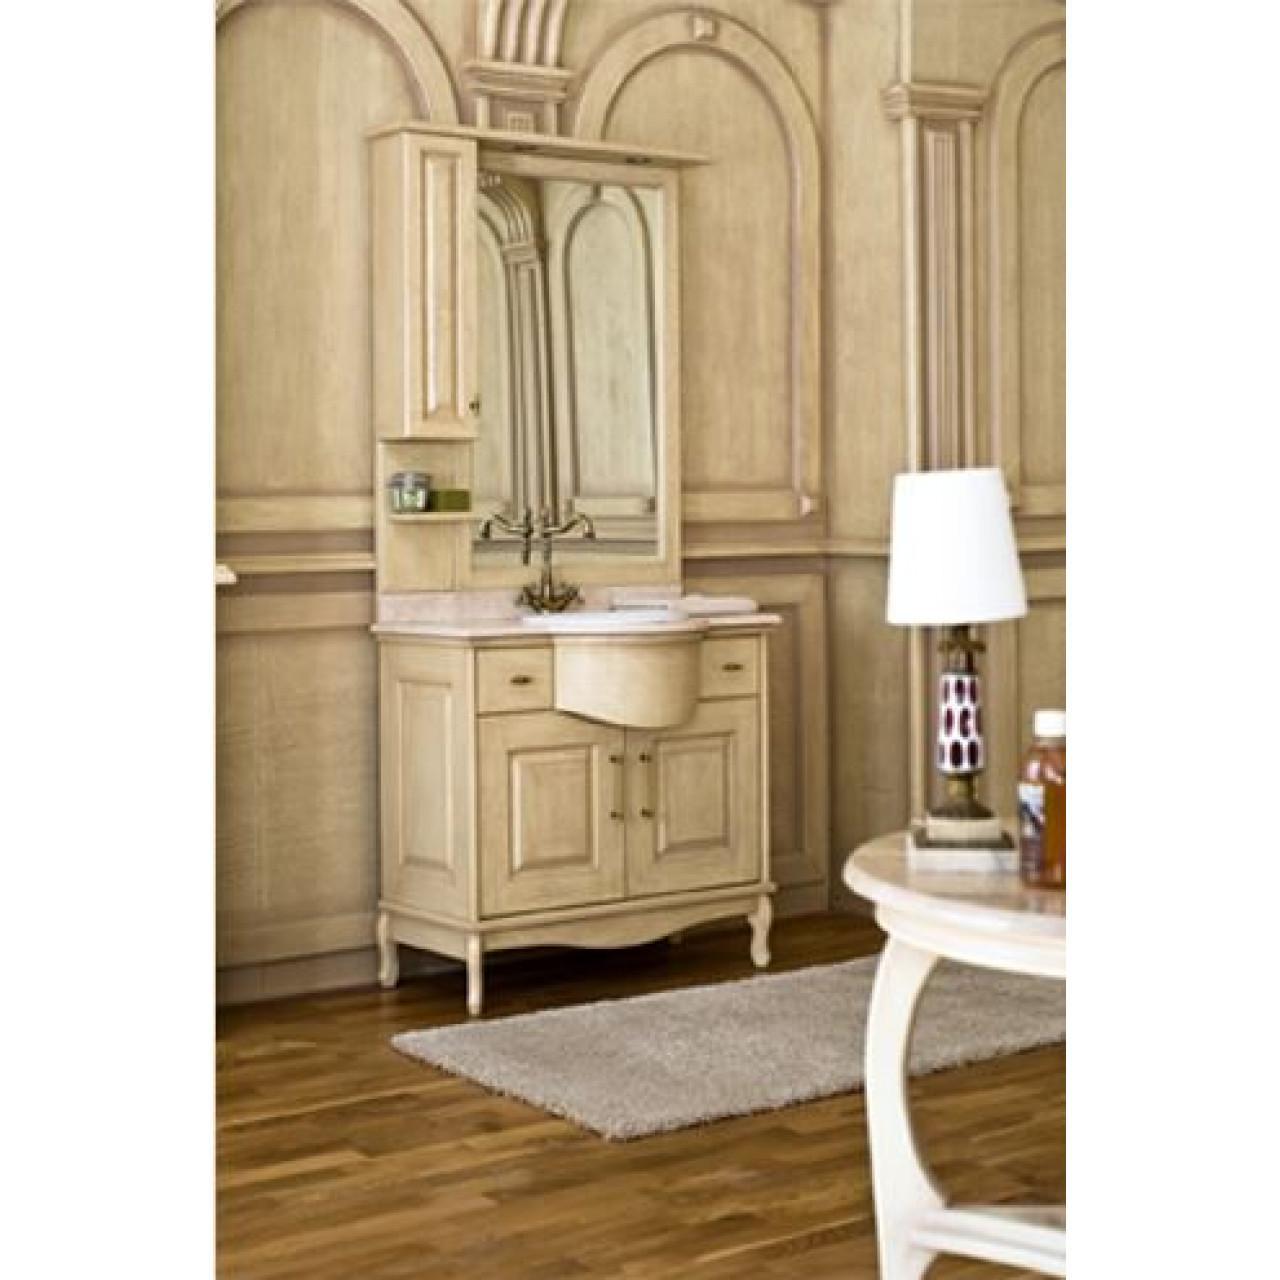 Комплект мебели Аллигатор Капан G(D) 90 купить в Москве по цене от 123900р. в интернет-магазине mebel-v-vannu.ru